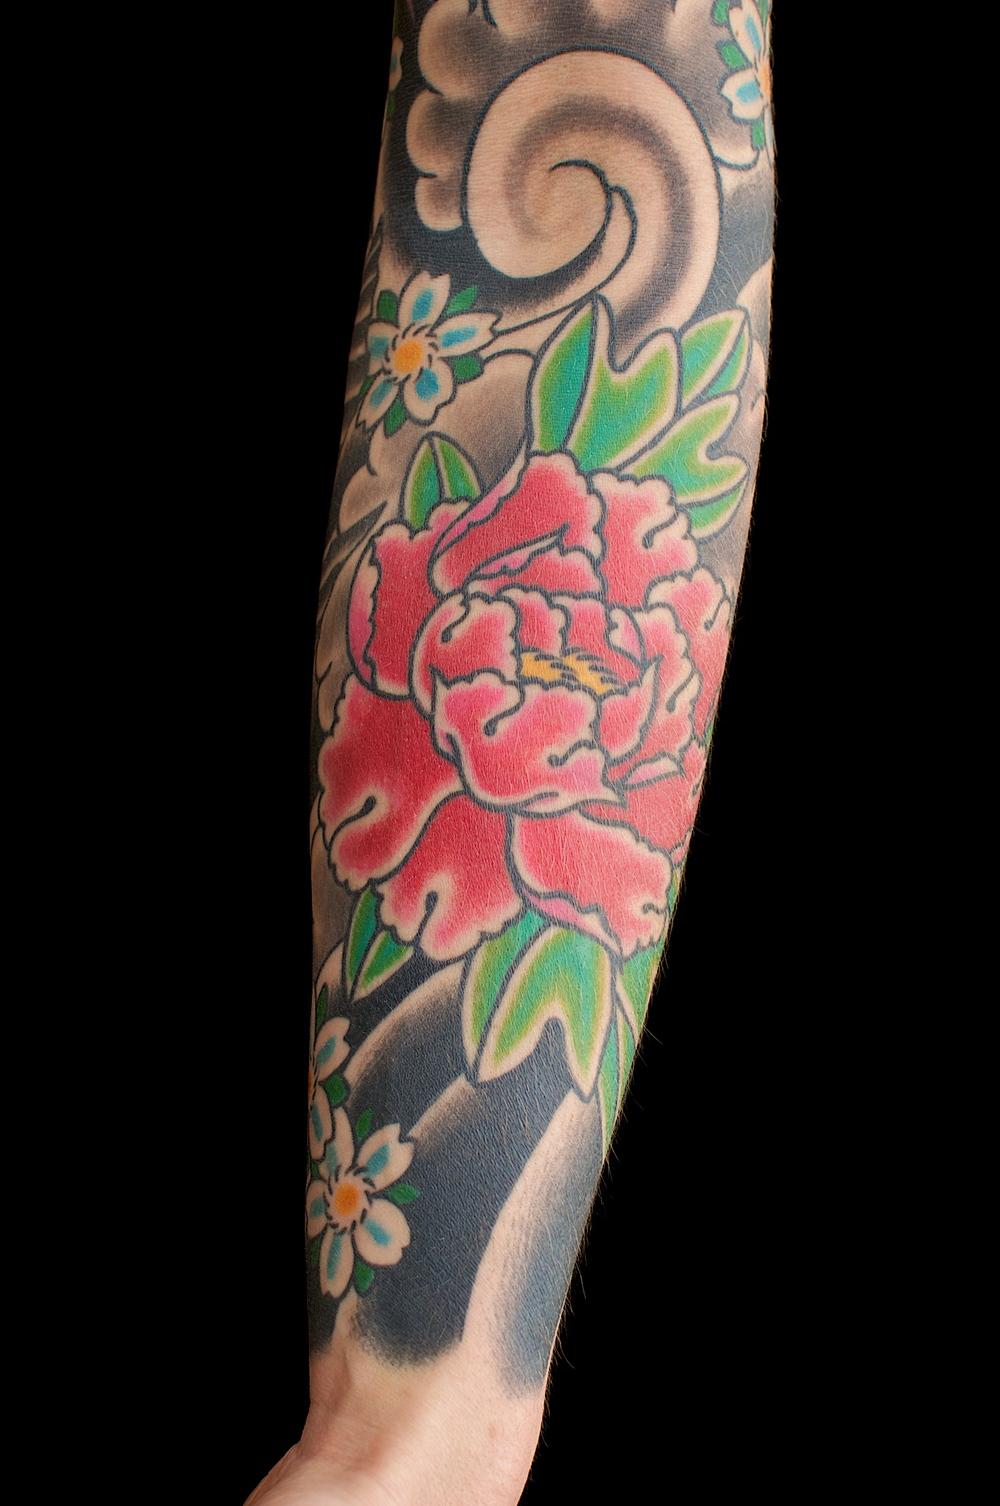 01032012 tattoo 02 25.jpg